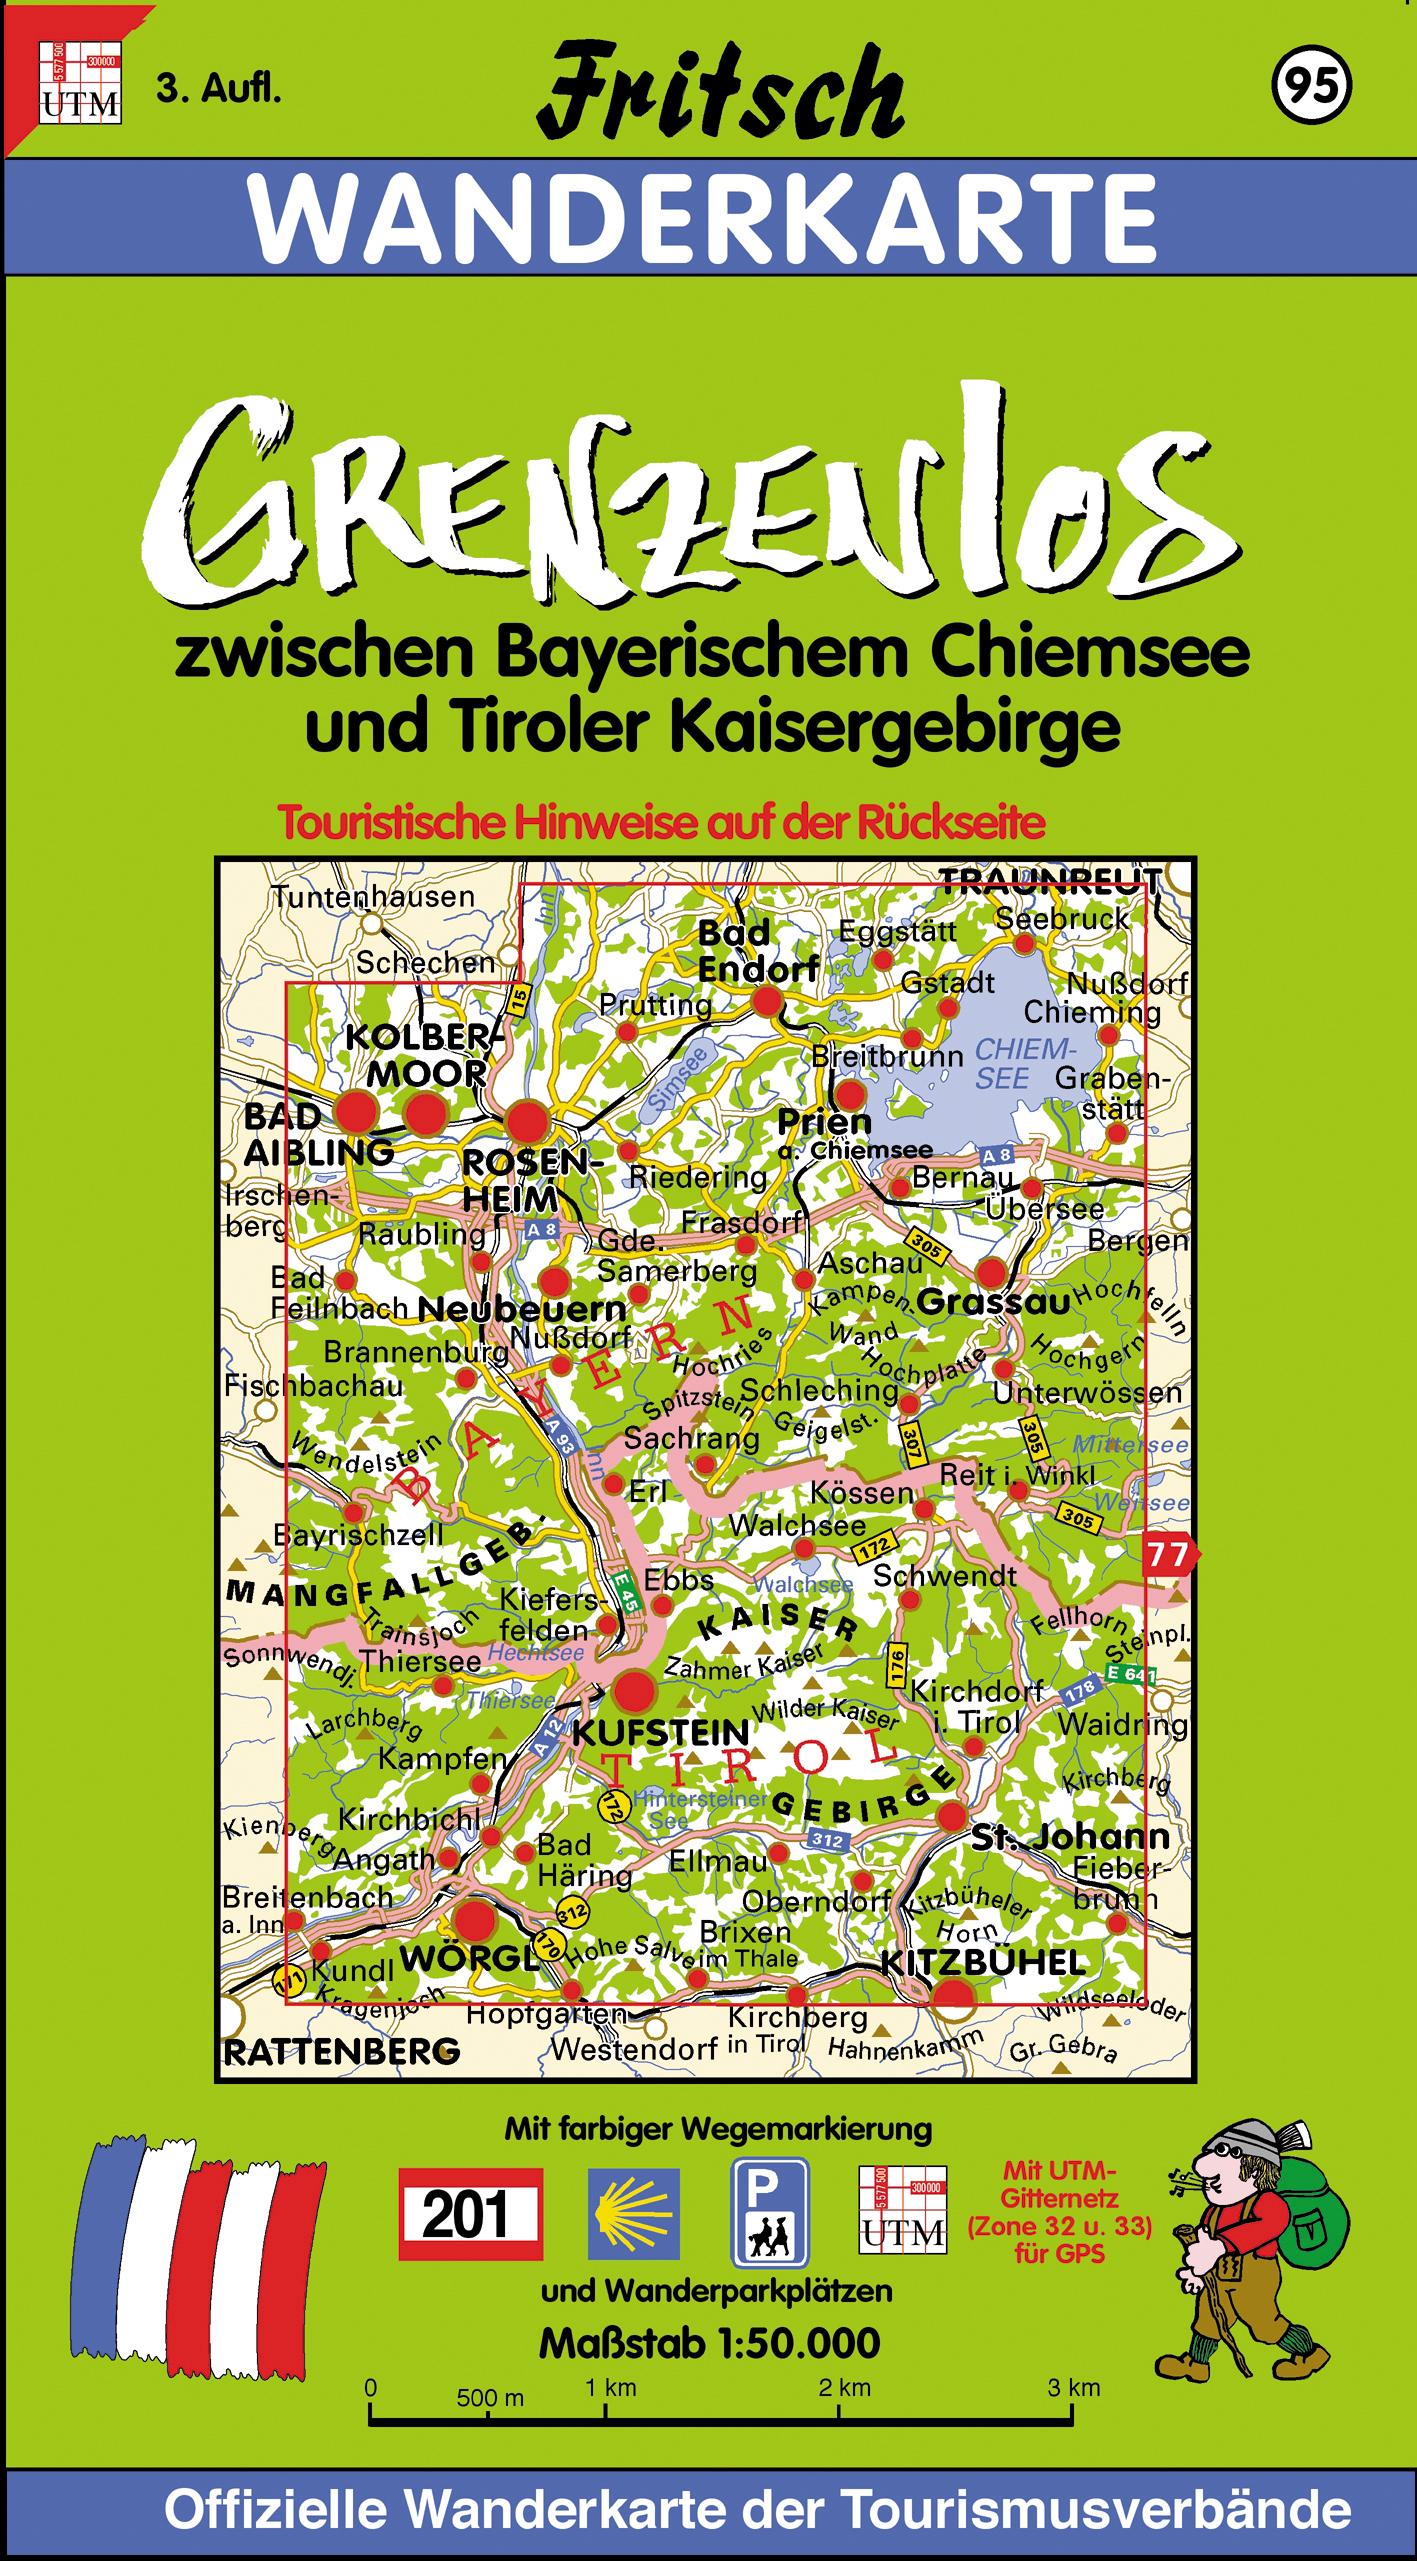 Grenzenlos zwischen Bayerischem Chiemsee und Tiroler Kaisergebir